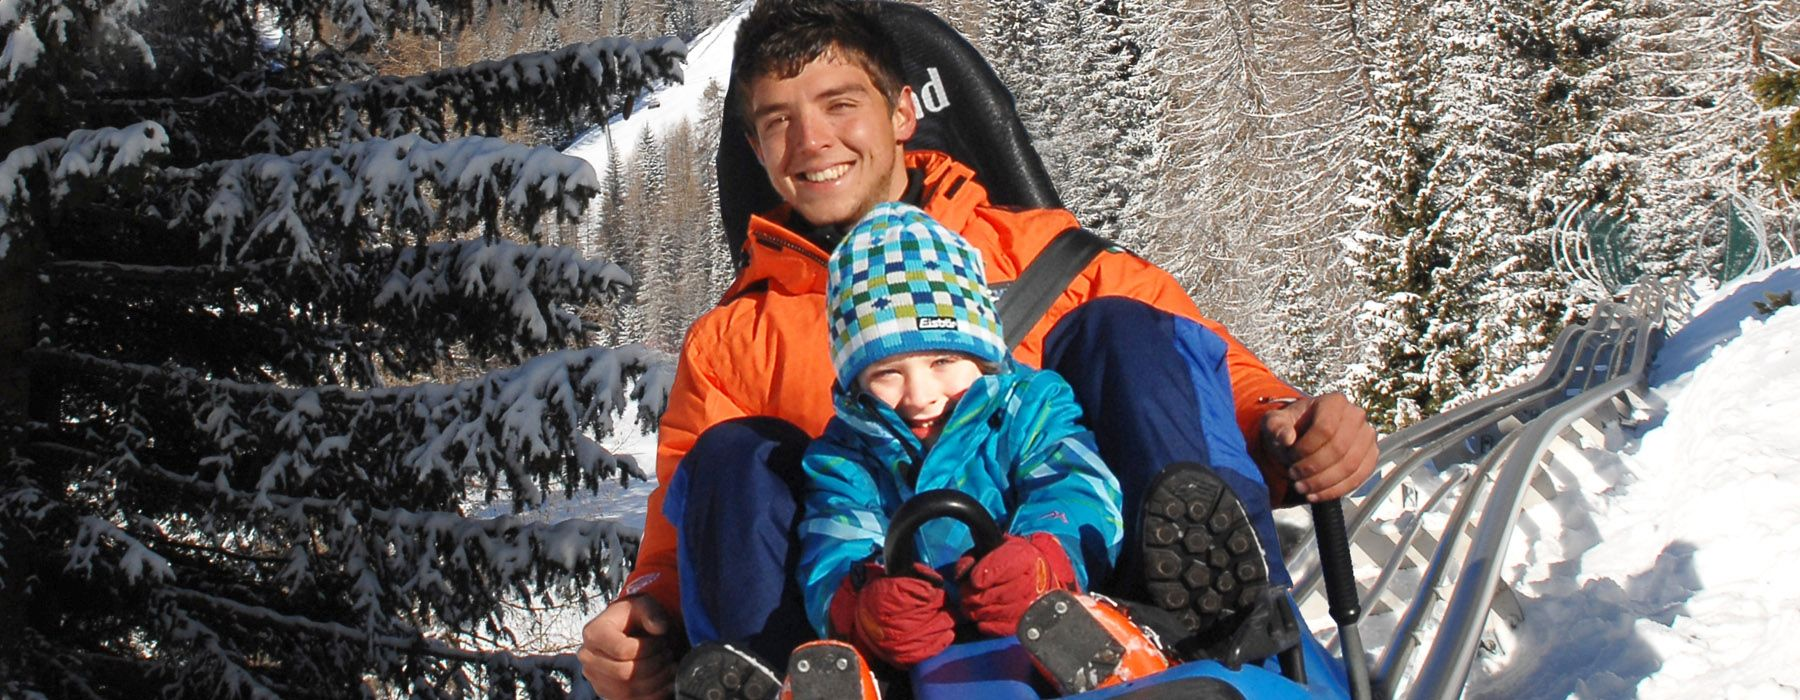 alpine coaster gardonè predazzo